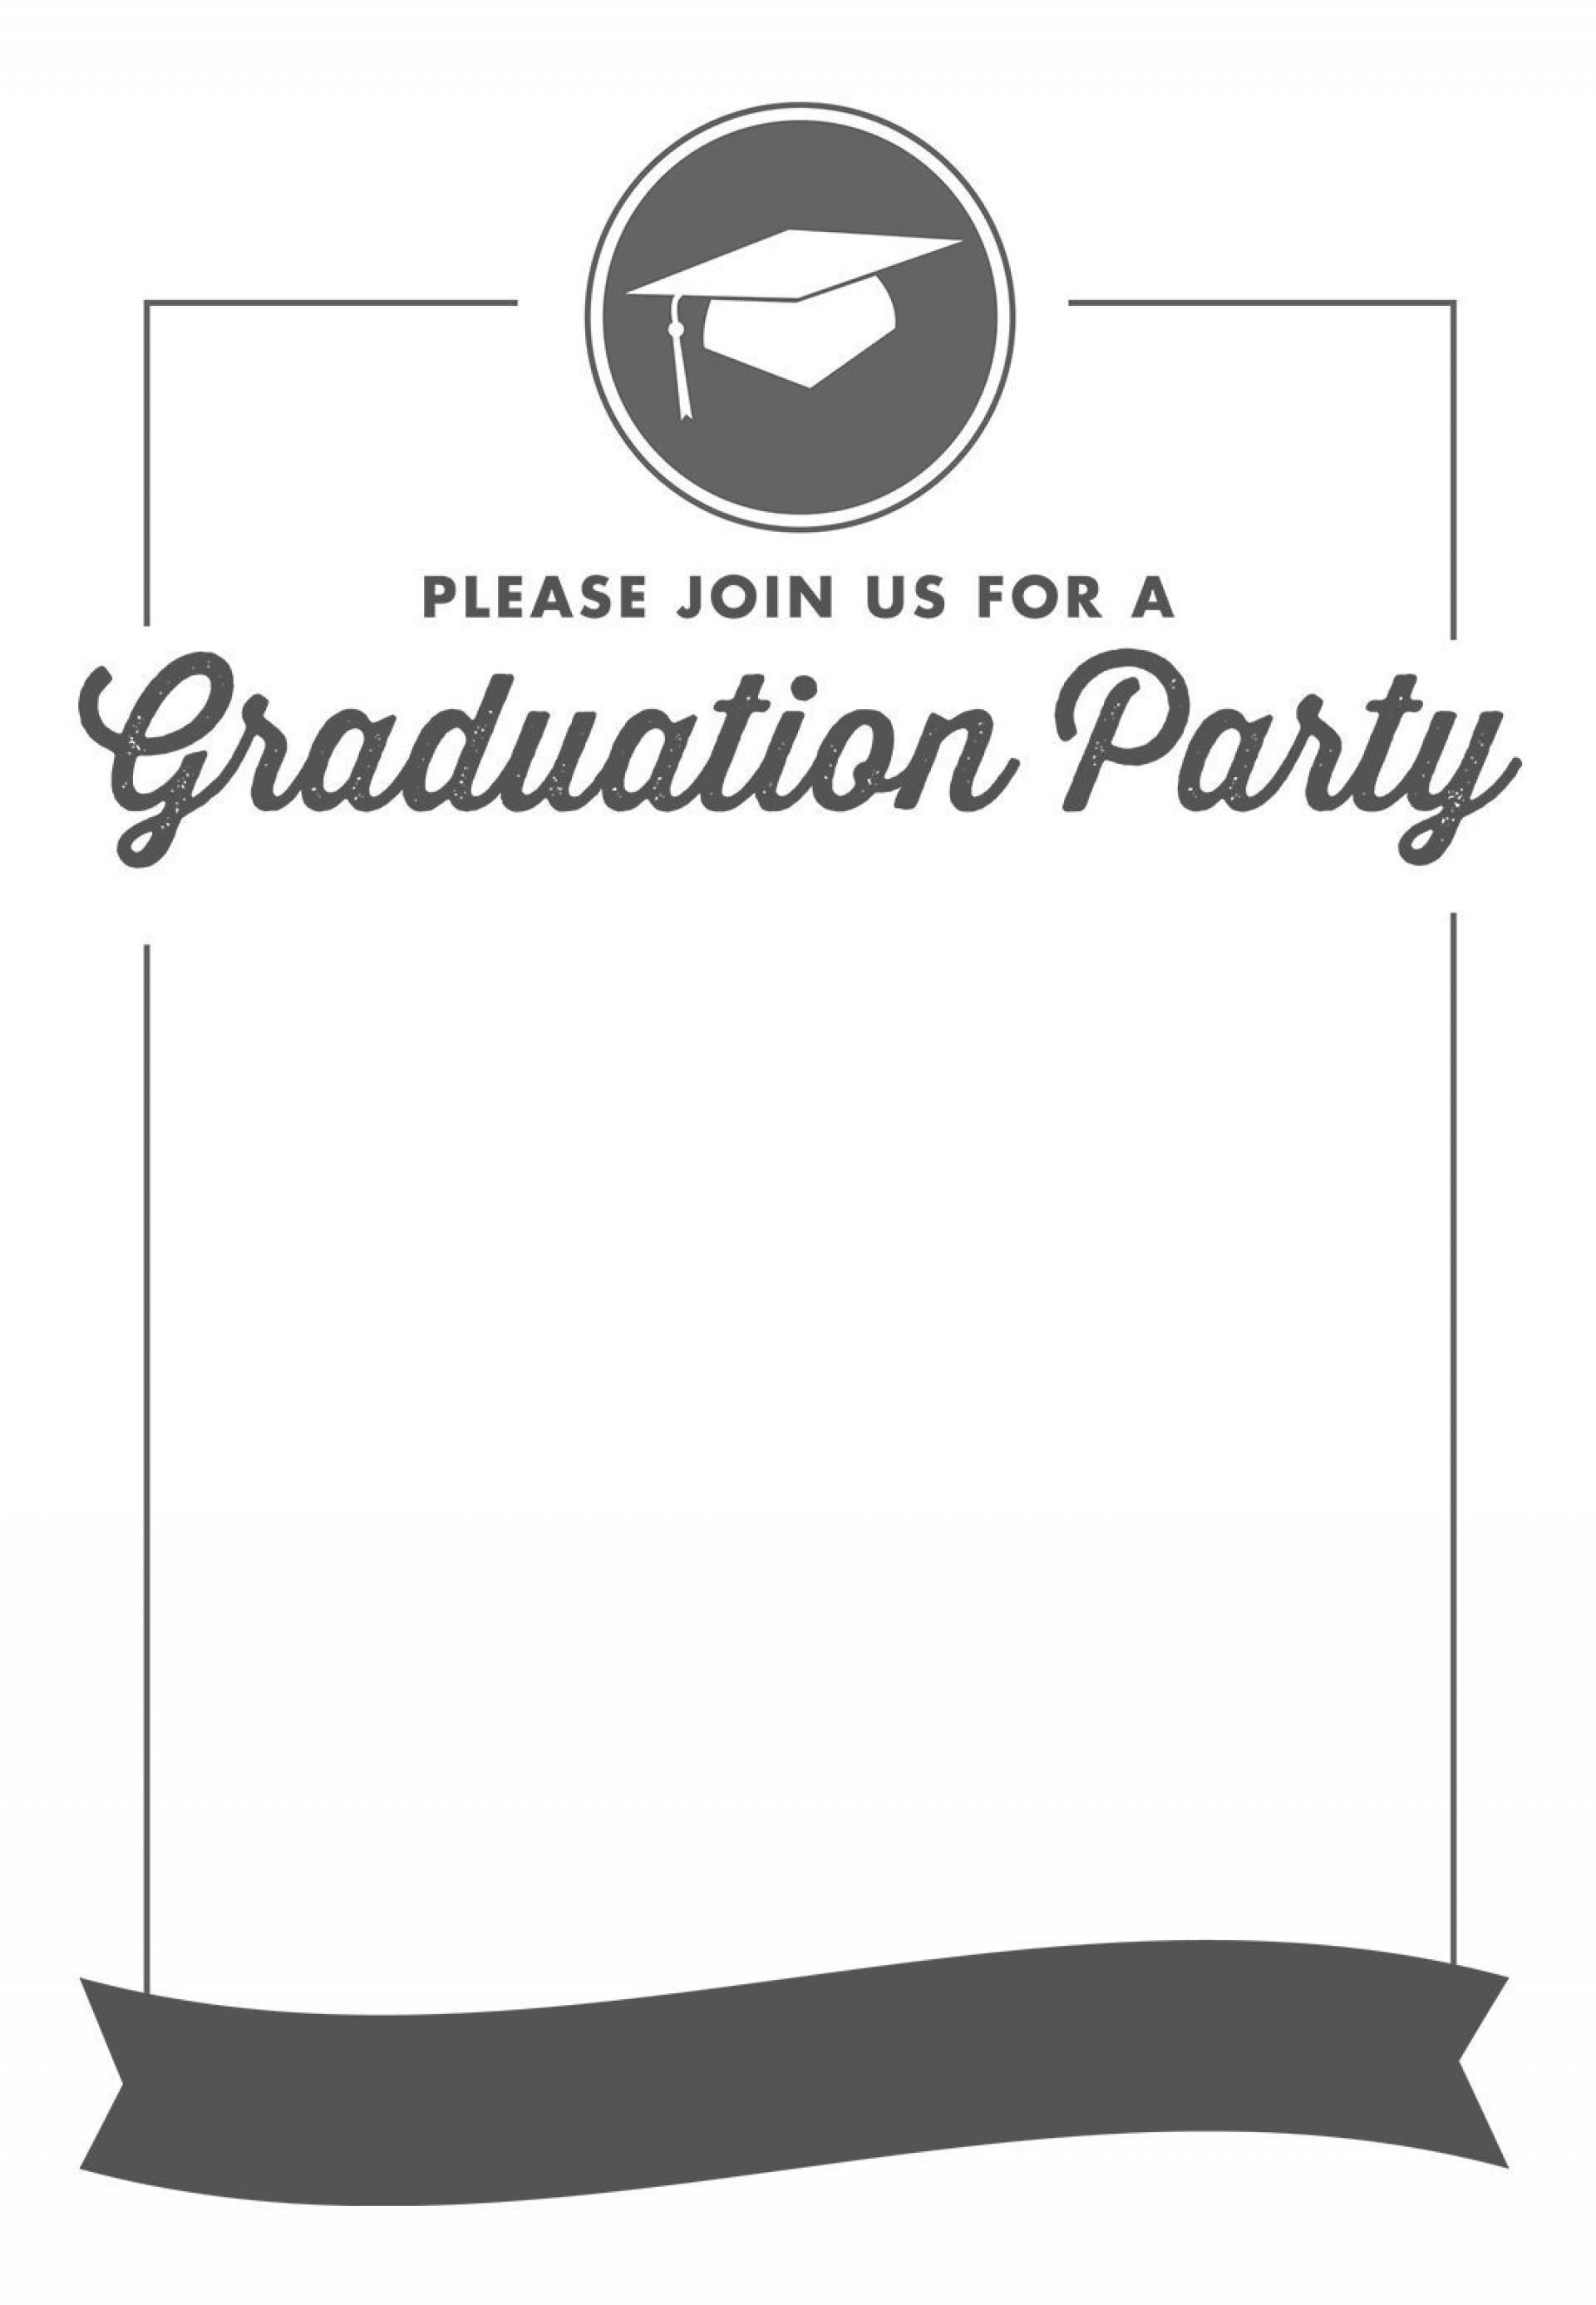 001 Unique Graduation Party Invitation Template Photo  Templates 4 Per Page Free Reception1920